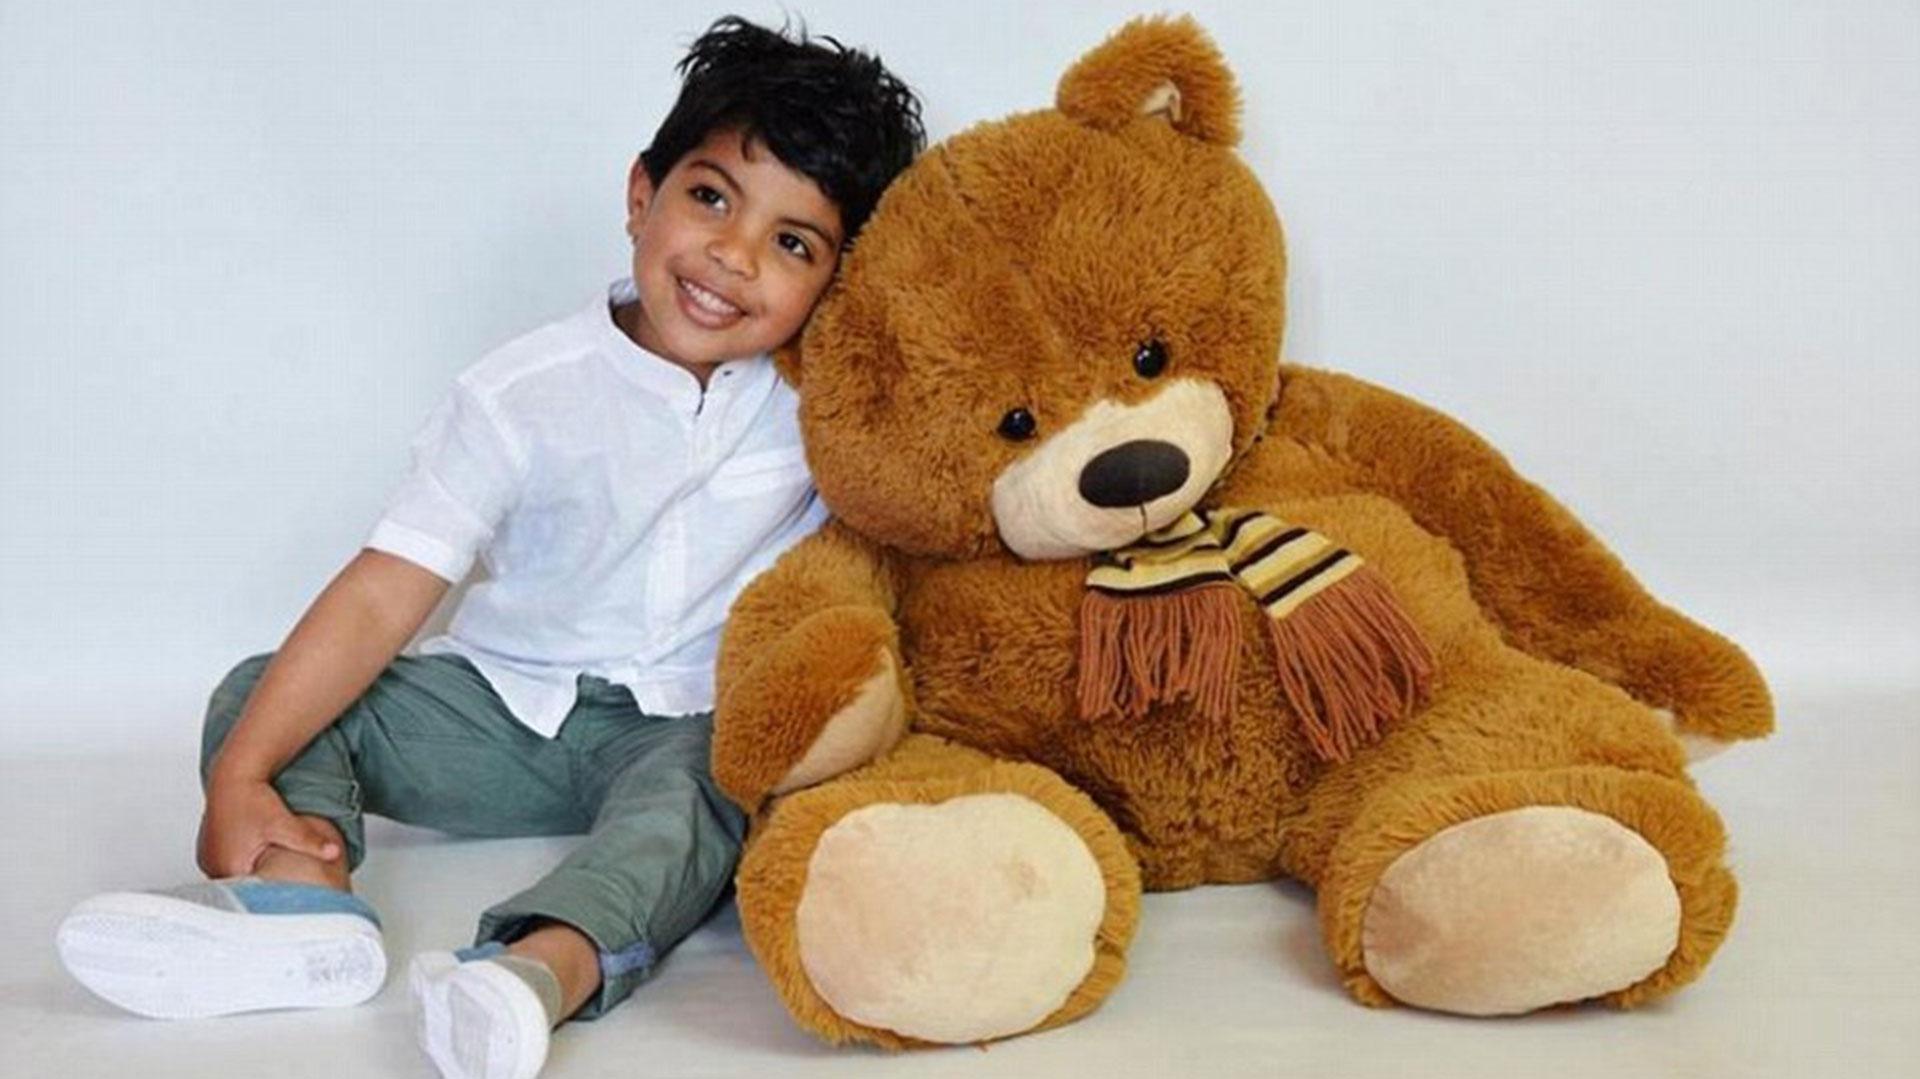 Kylian Mejri tenía sólo cuatro años. Un tunecino radicalizado lo asesinó junto a otras 83 personas. Entre ellas,también estaba su madre